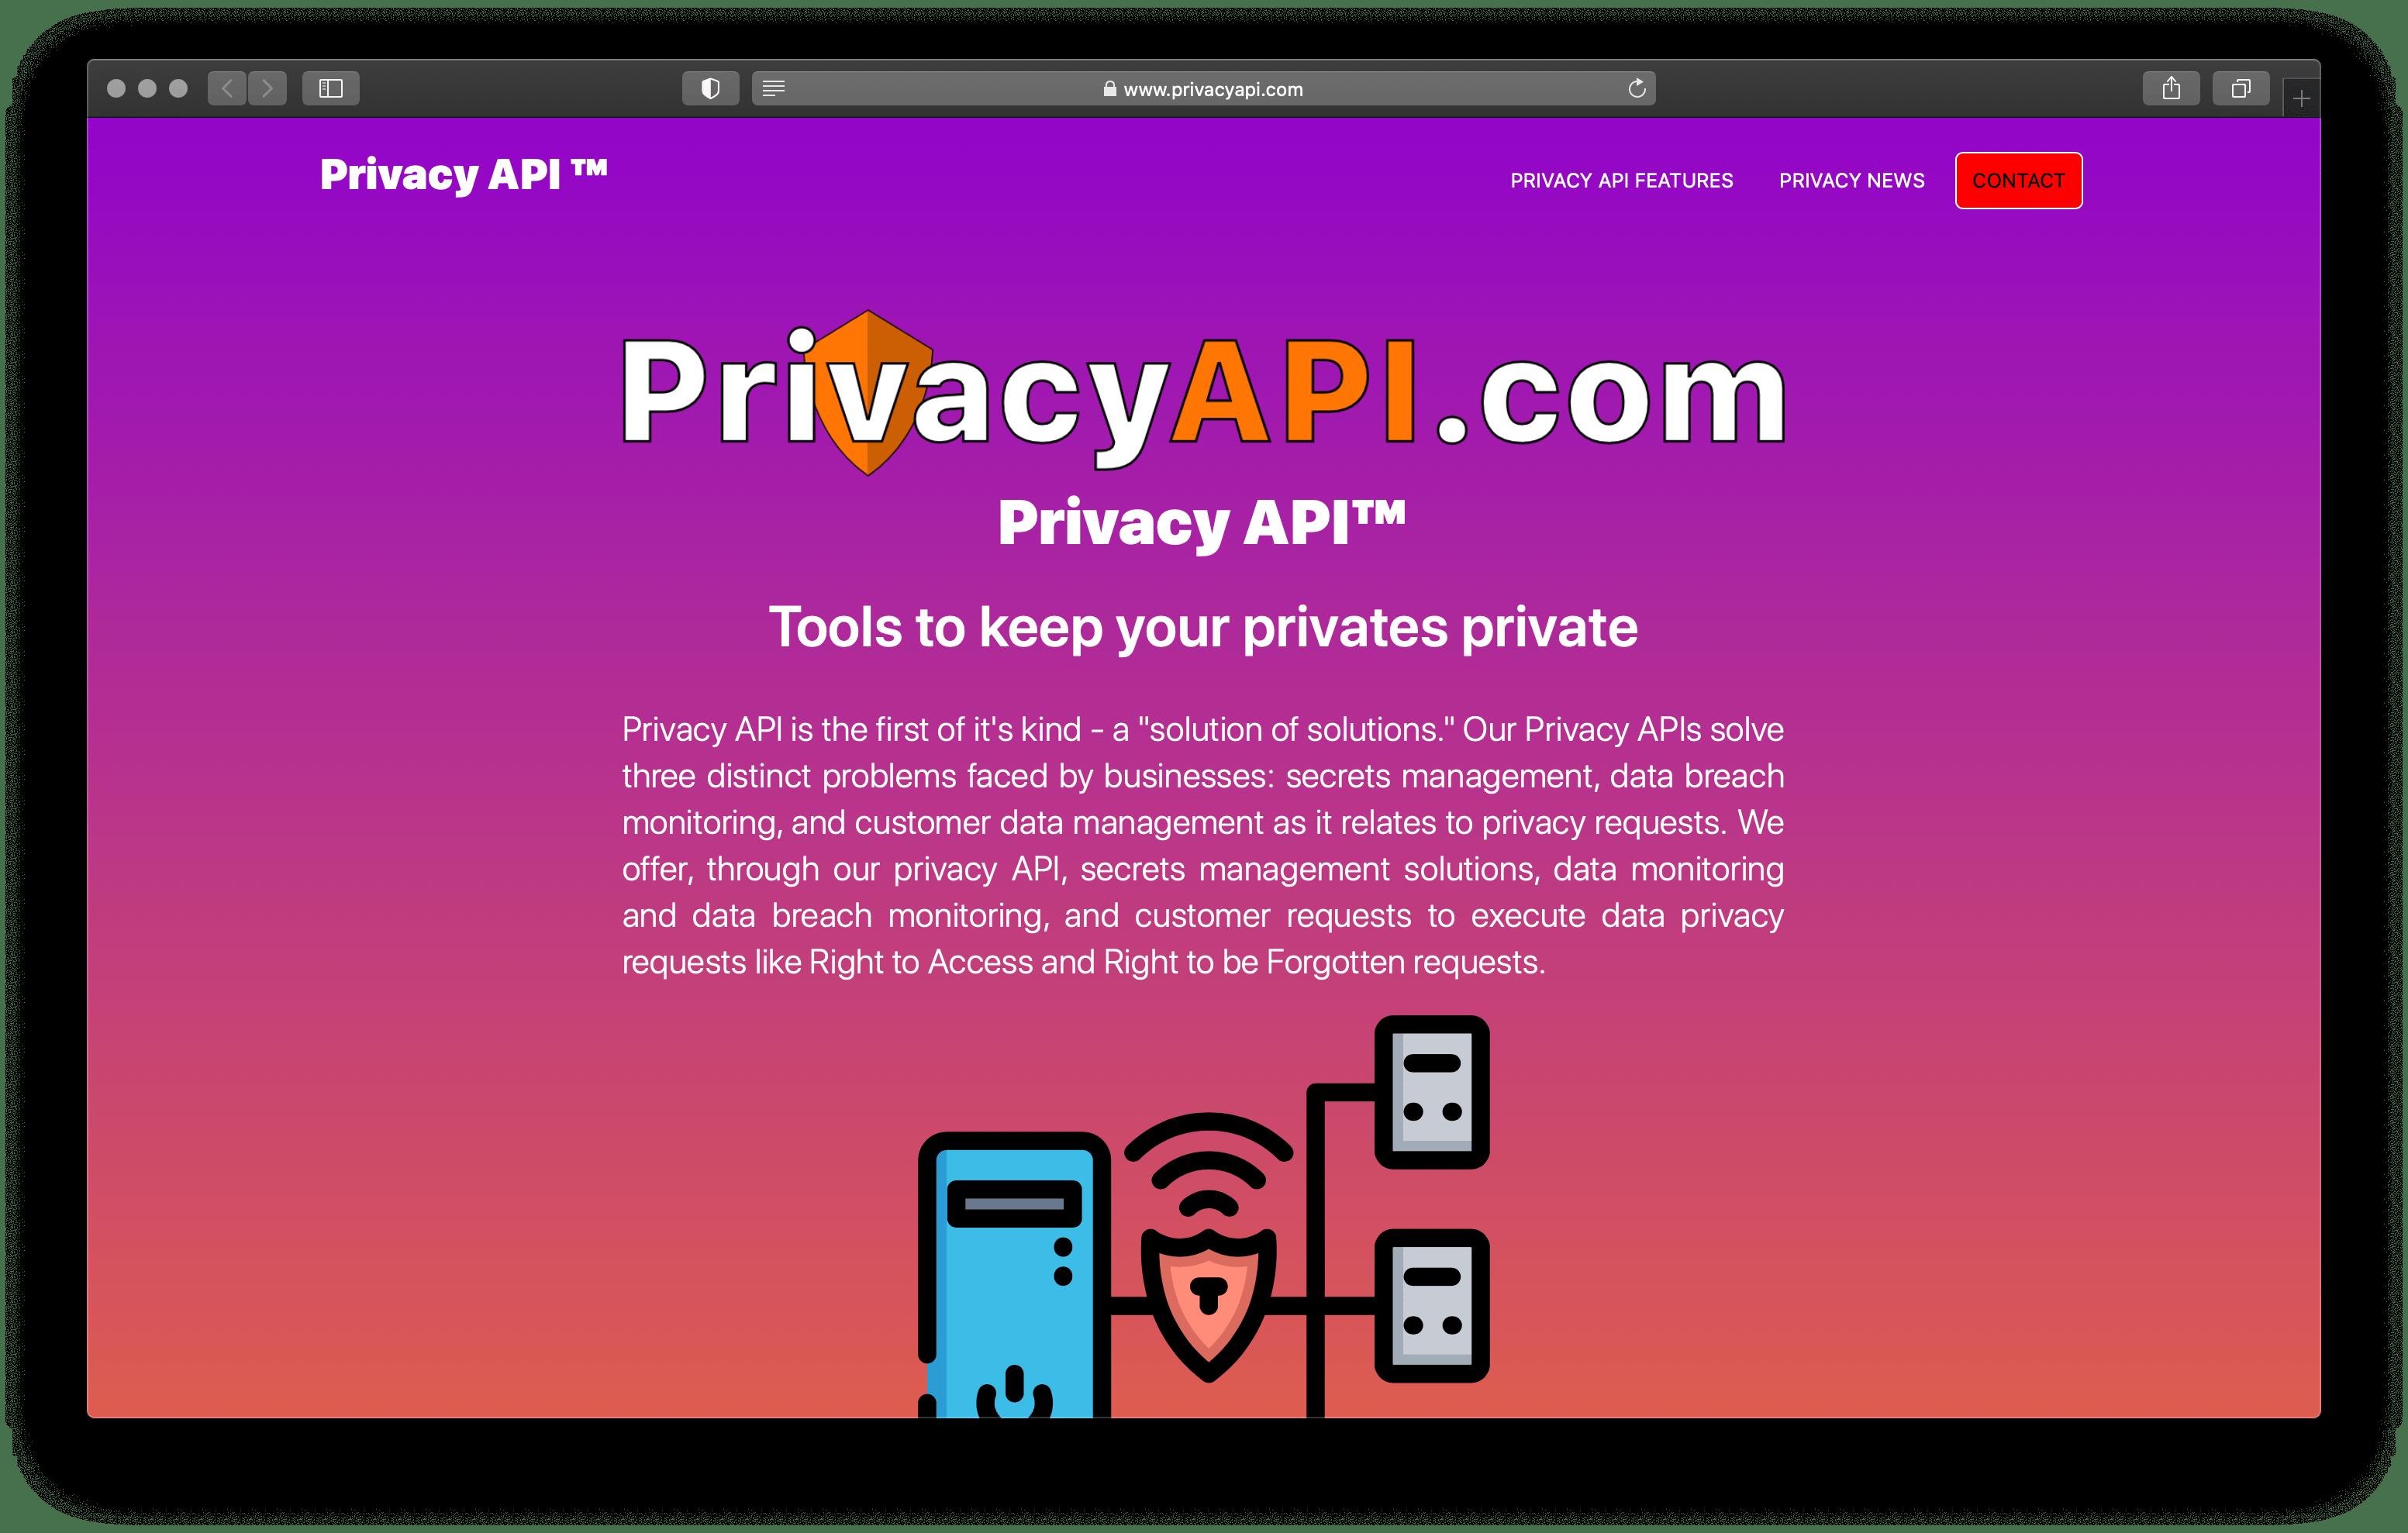 PrivacyAPI.com